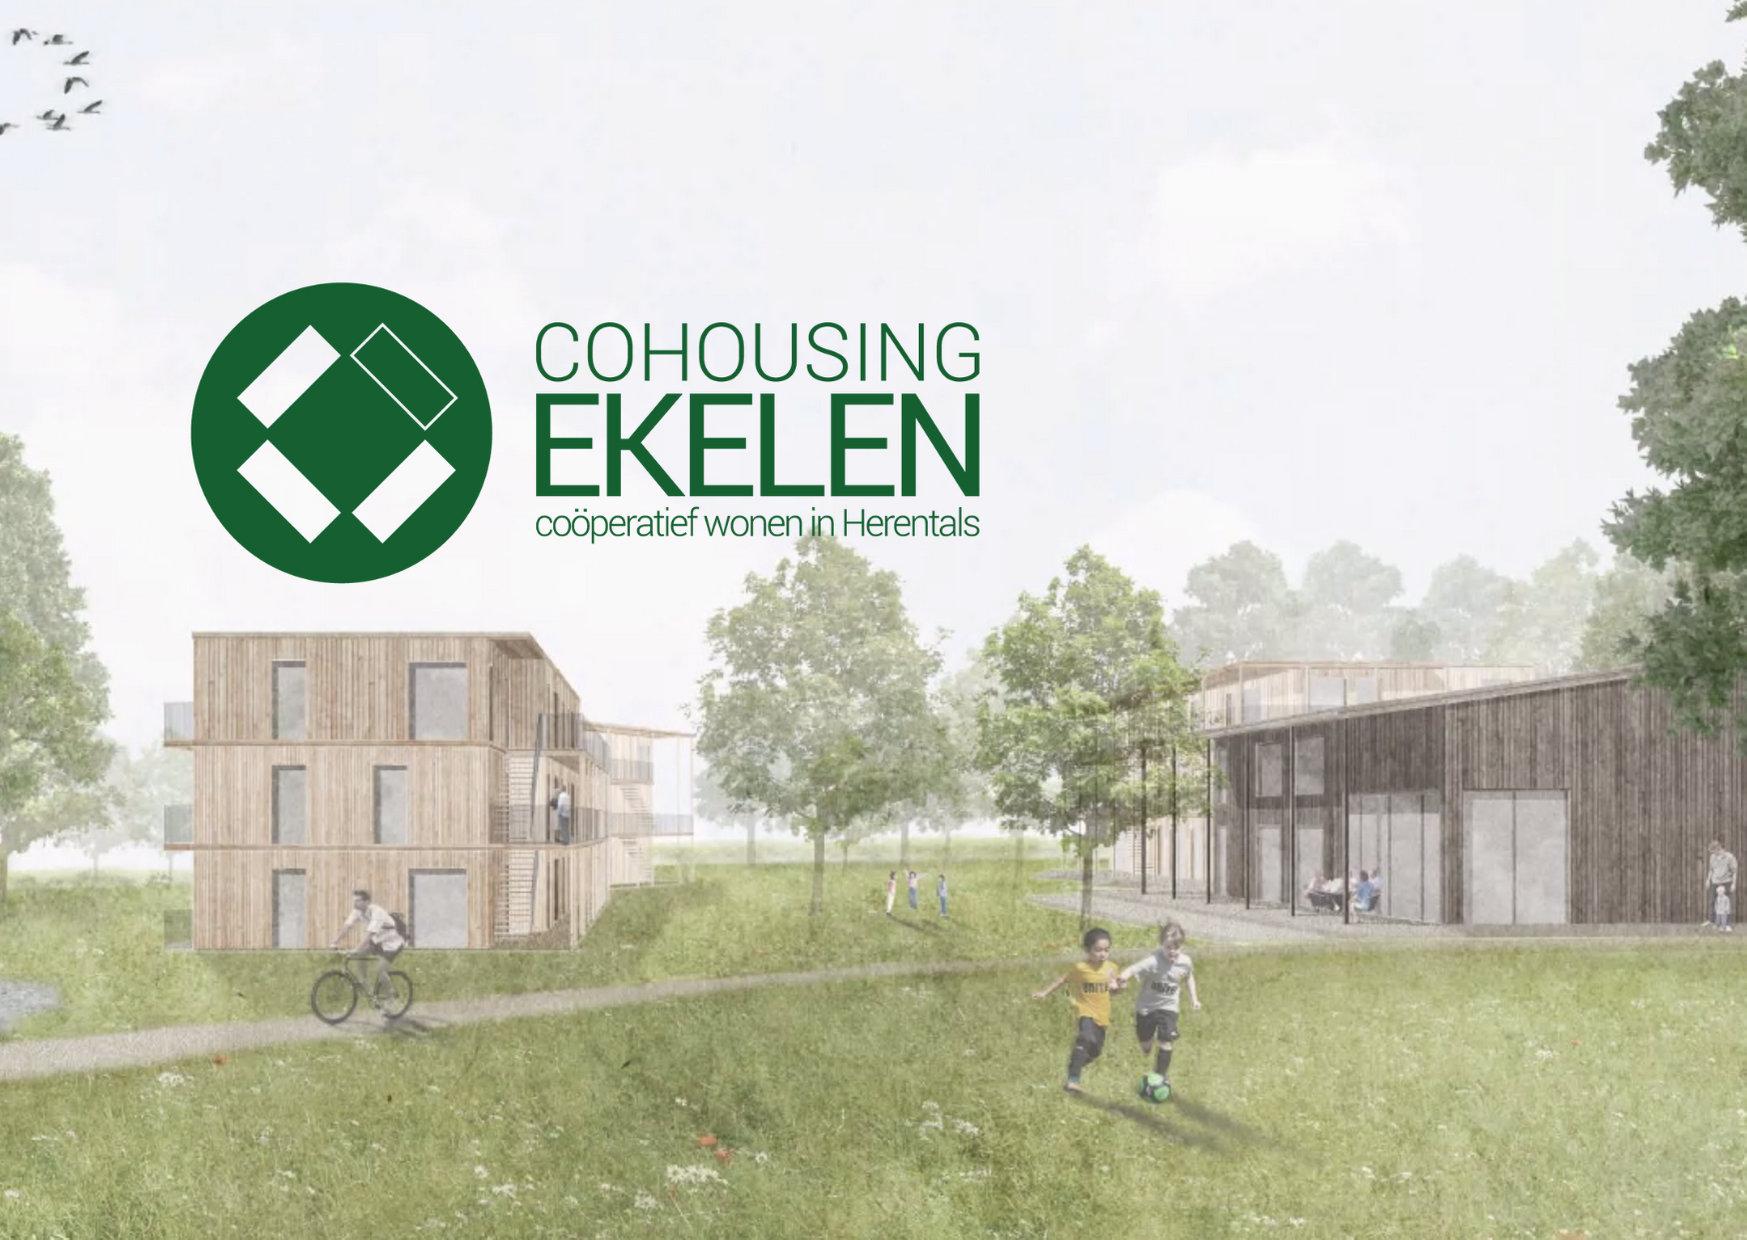 Cohousing EKELEN